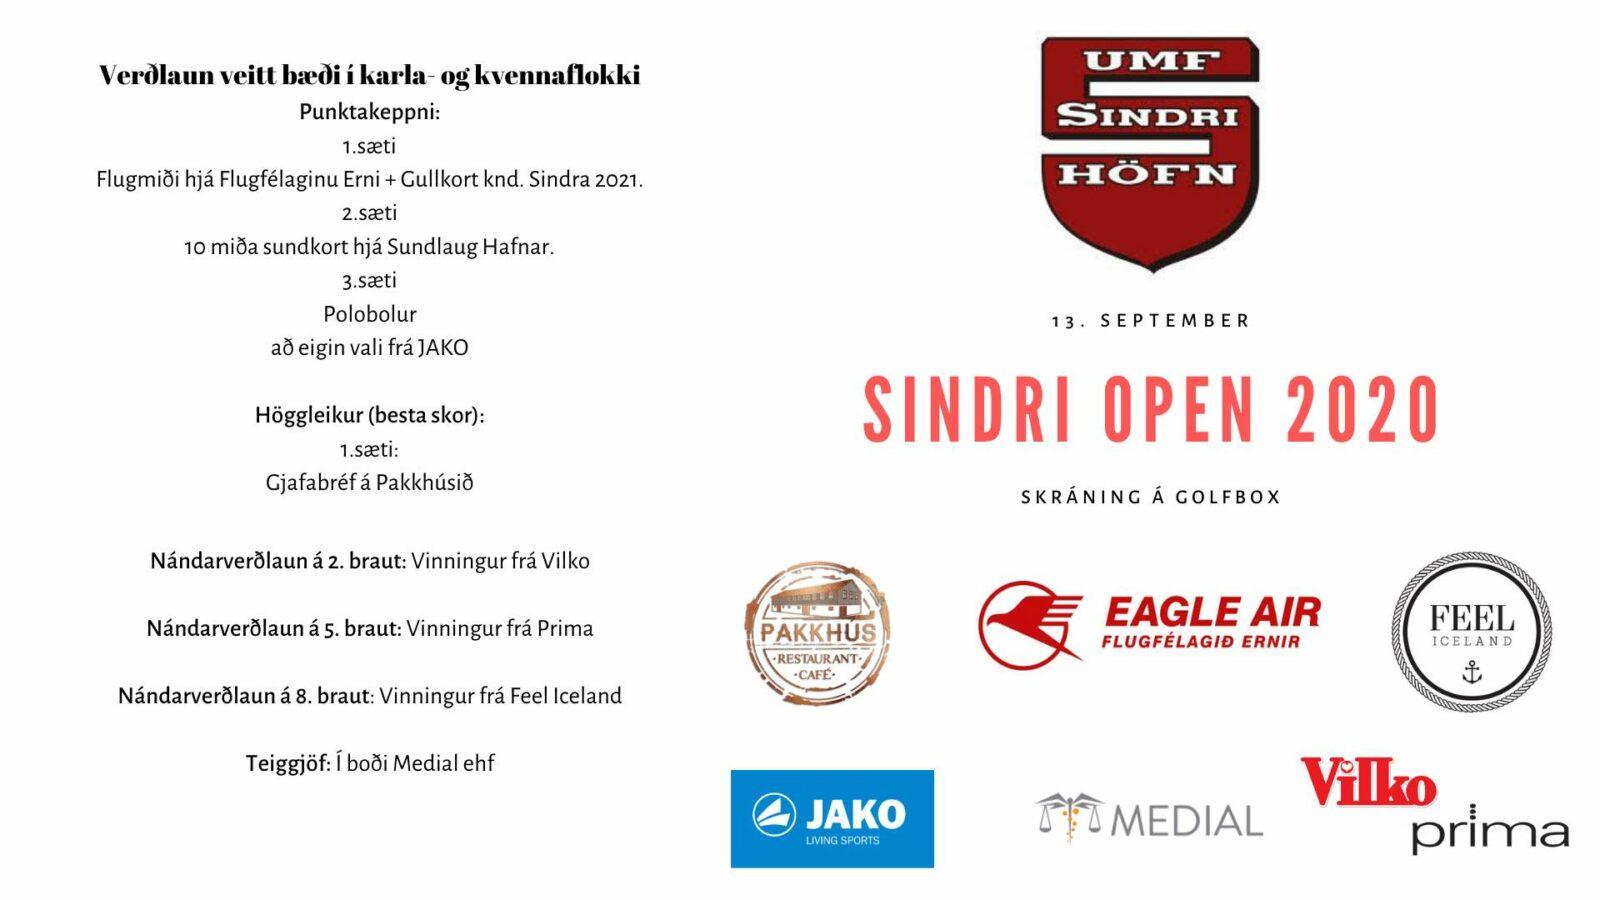 Sindri Open